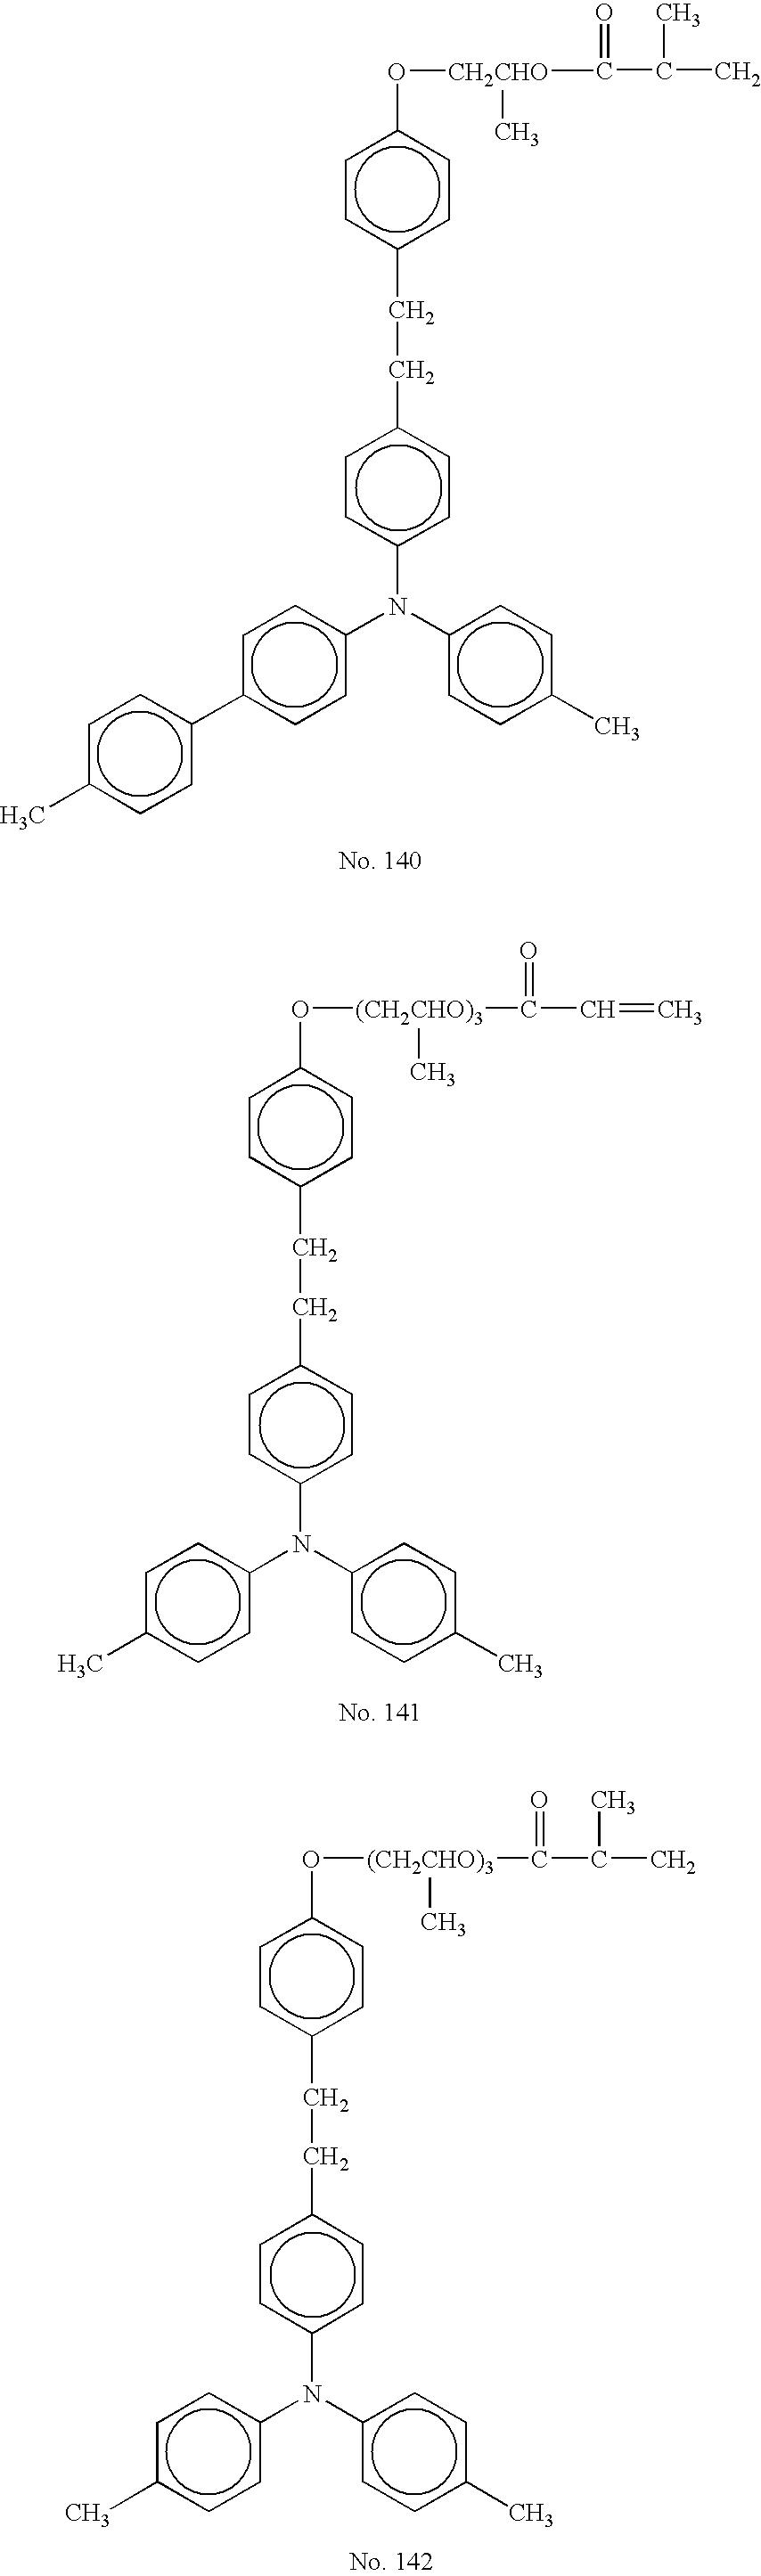 Figure US20070196749A1-20070823-C00049